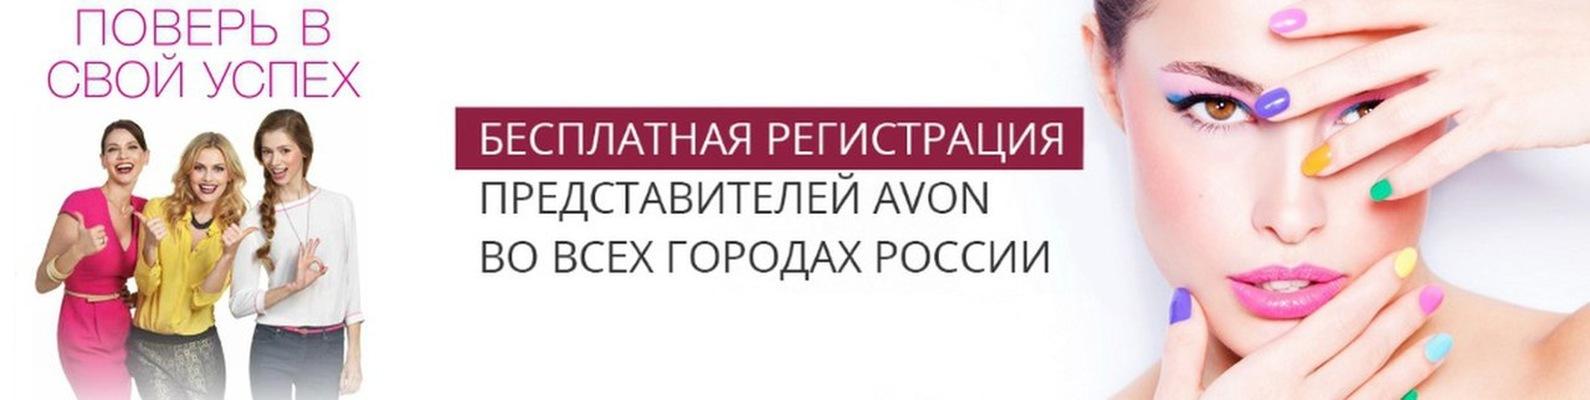 Зарегистрироваться представителем avon косметика farmasi купить в россии